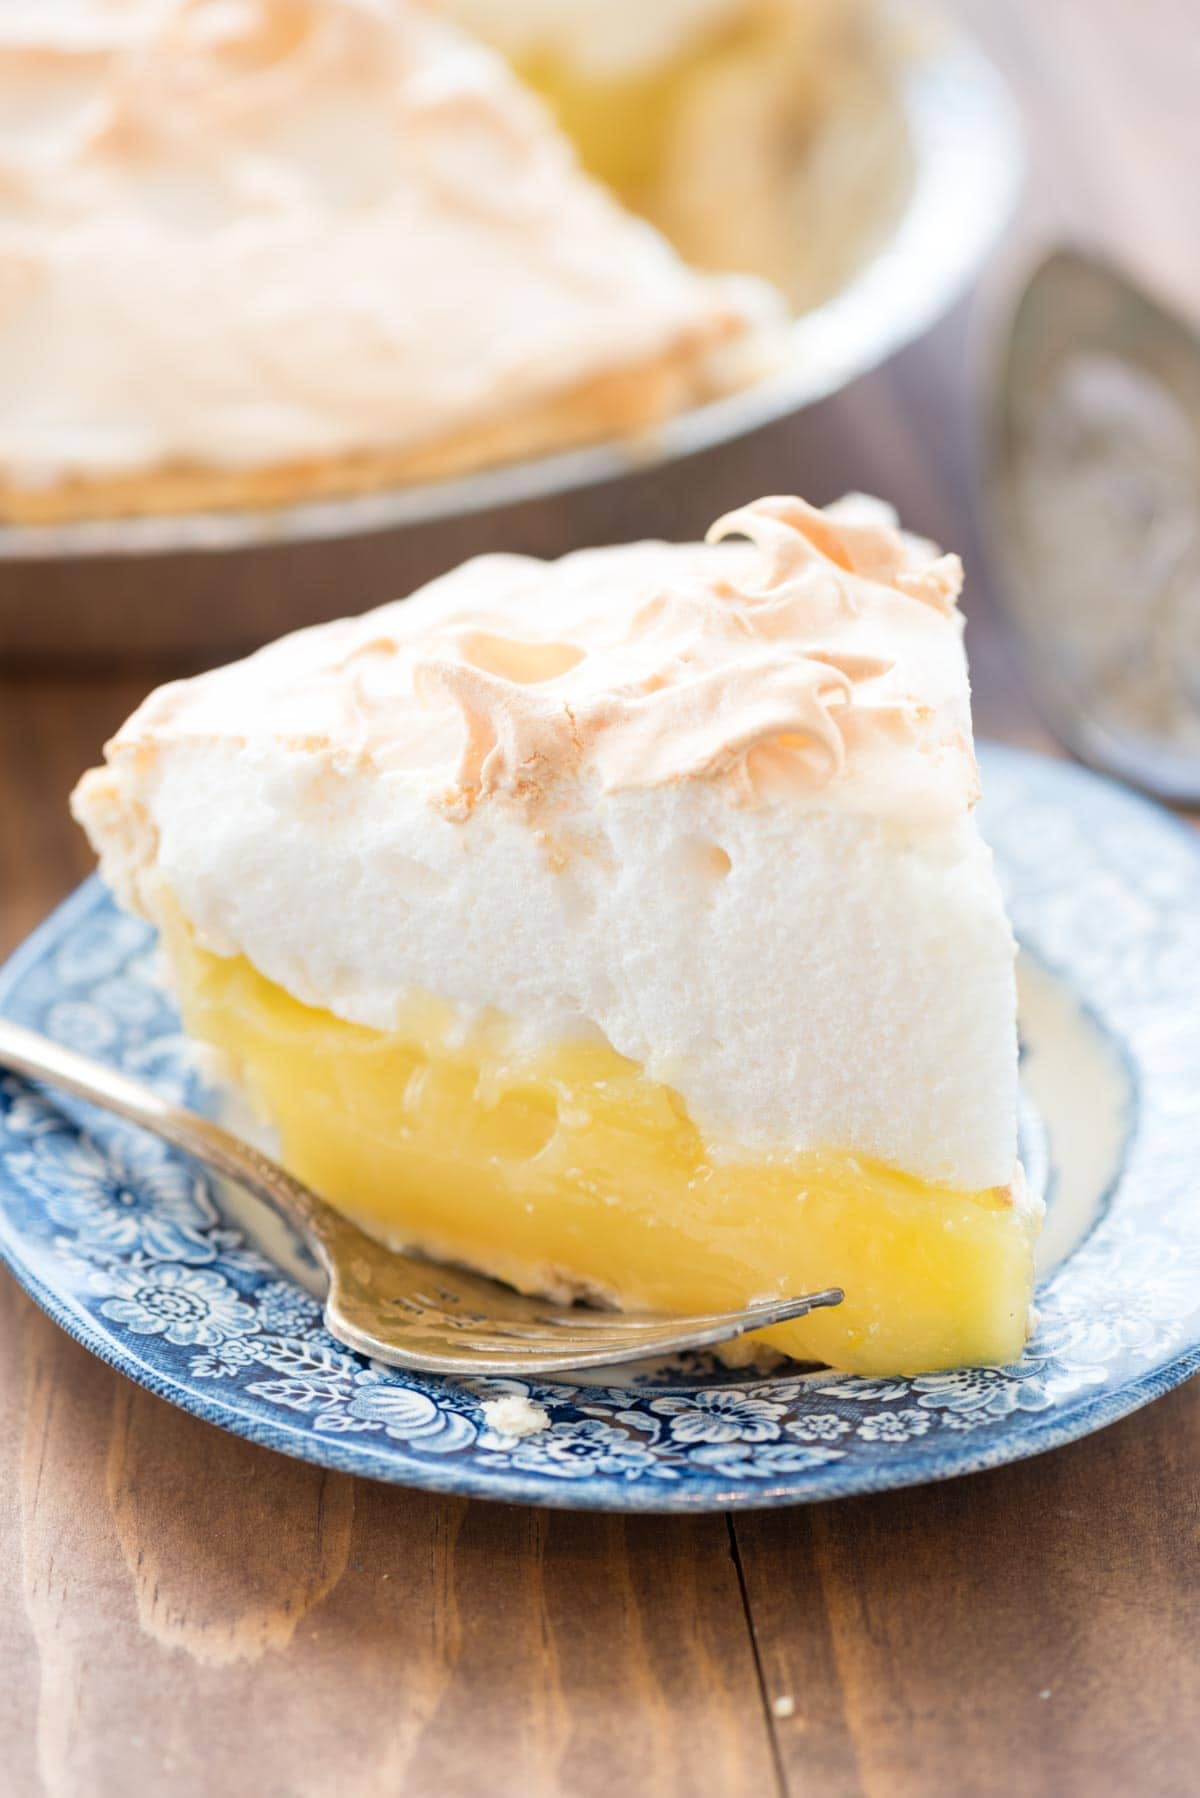 Aunt Tootsie's Lemon Meringue Pie